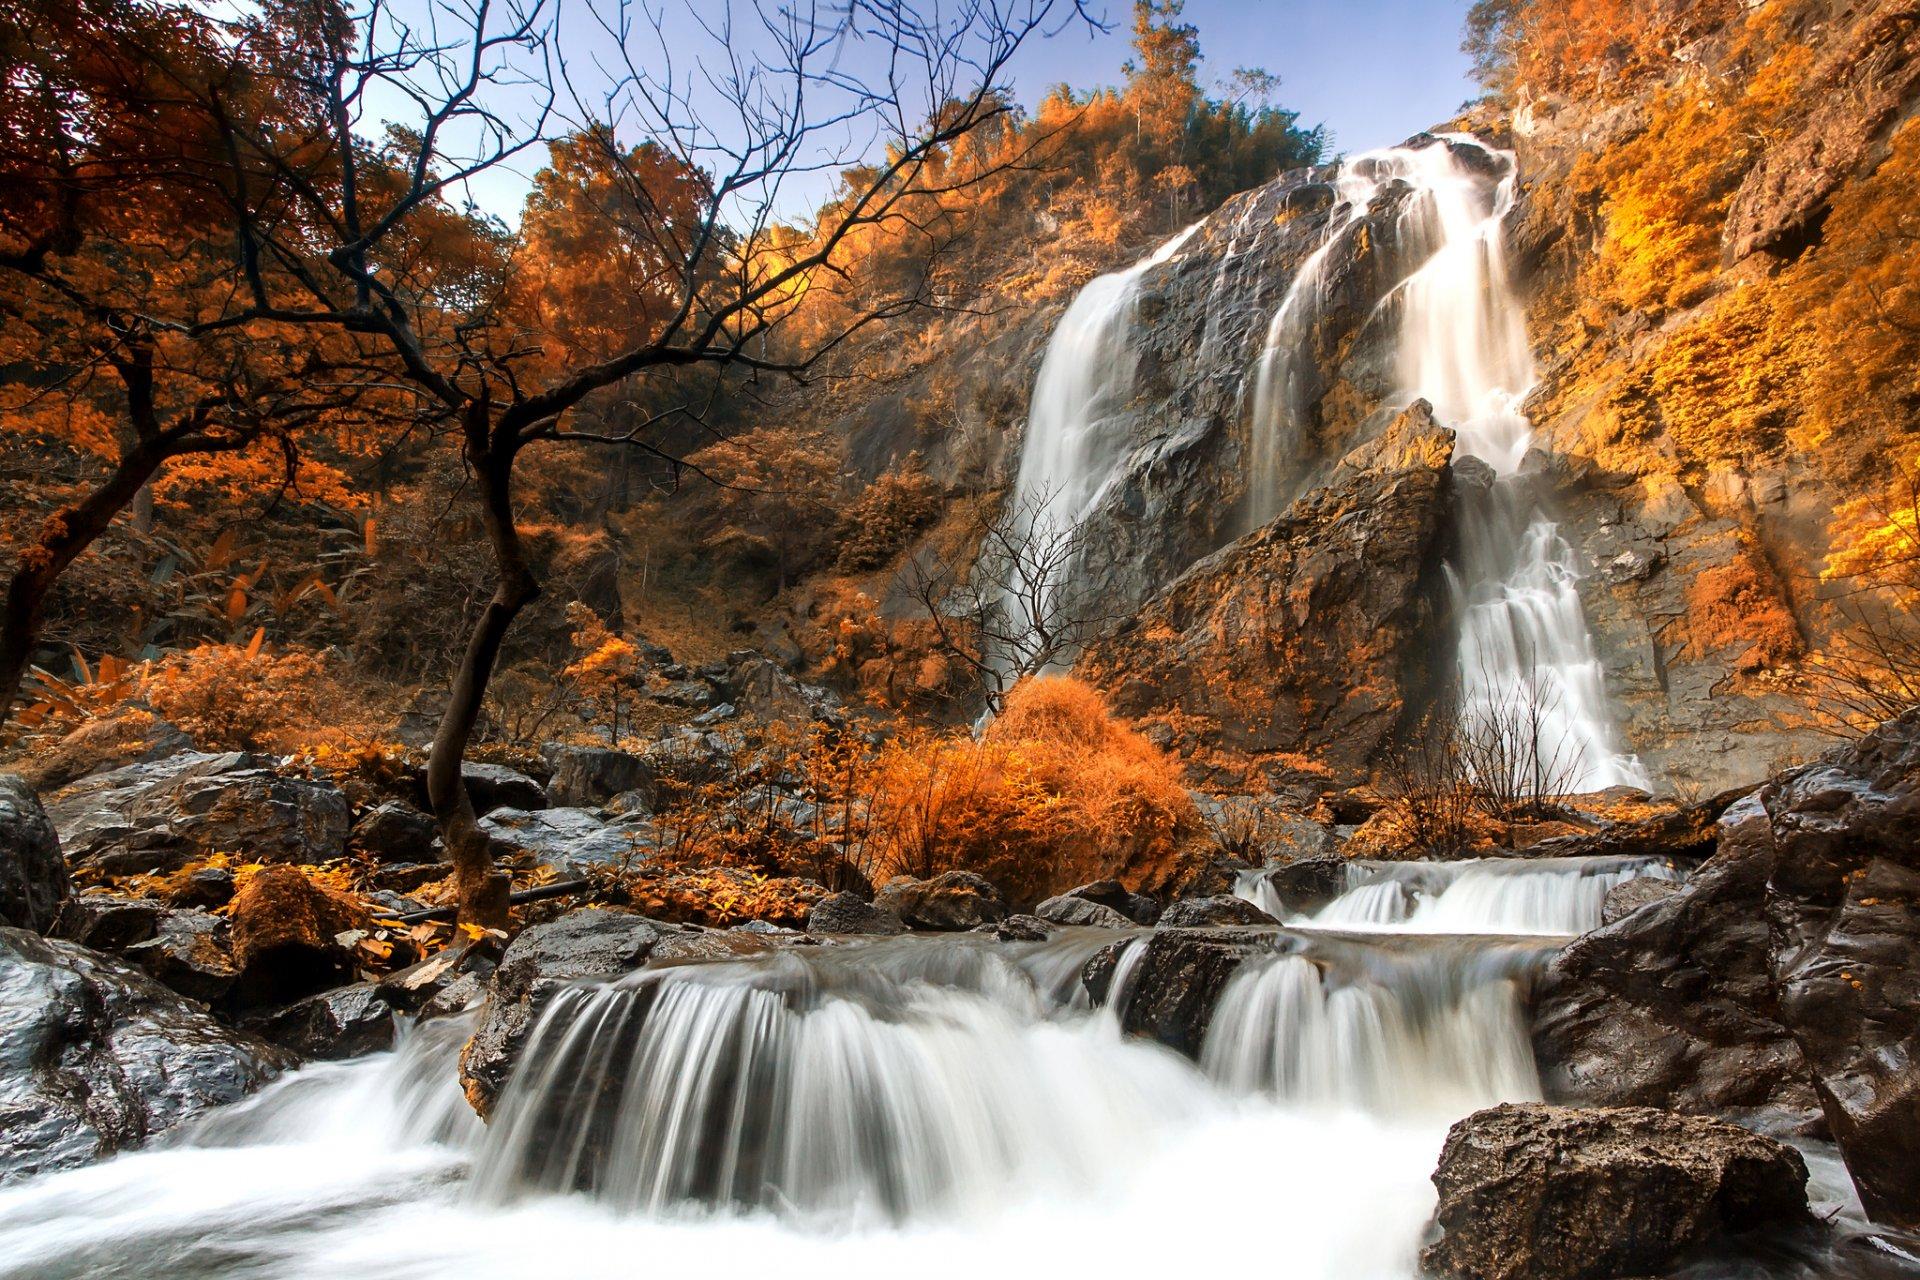 этом осенний водопад фото вас